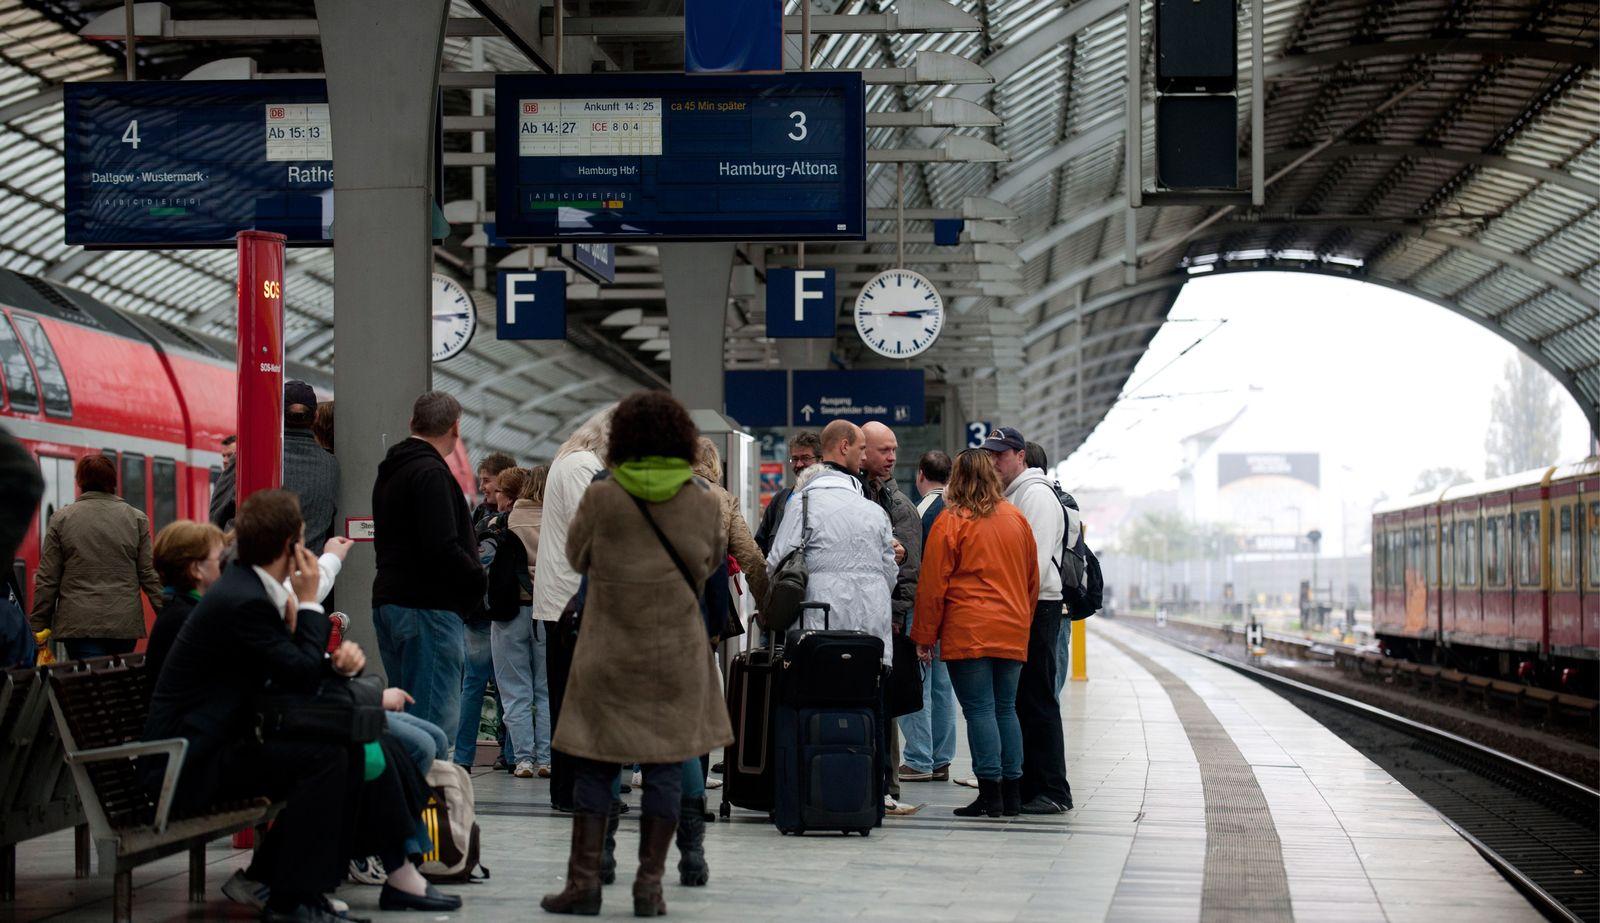 NICHT VERWENDEN Bahn / Verspätung / Brandanschlag